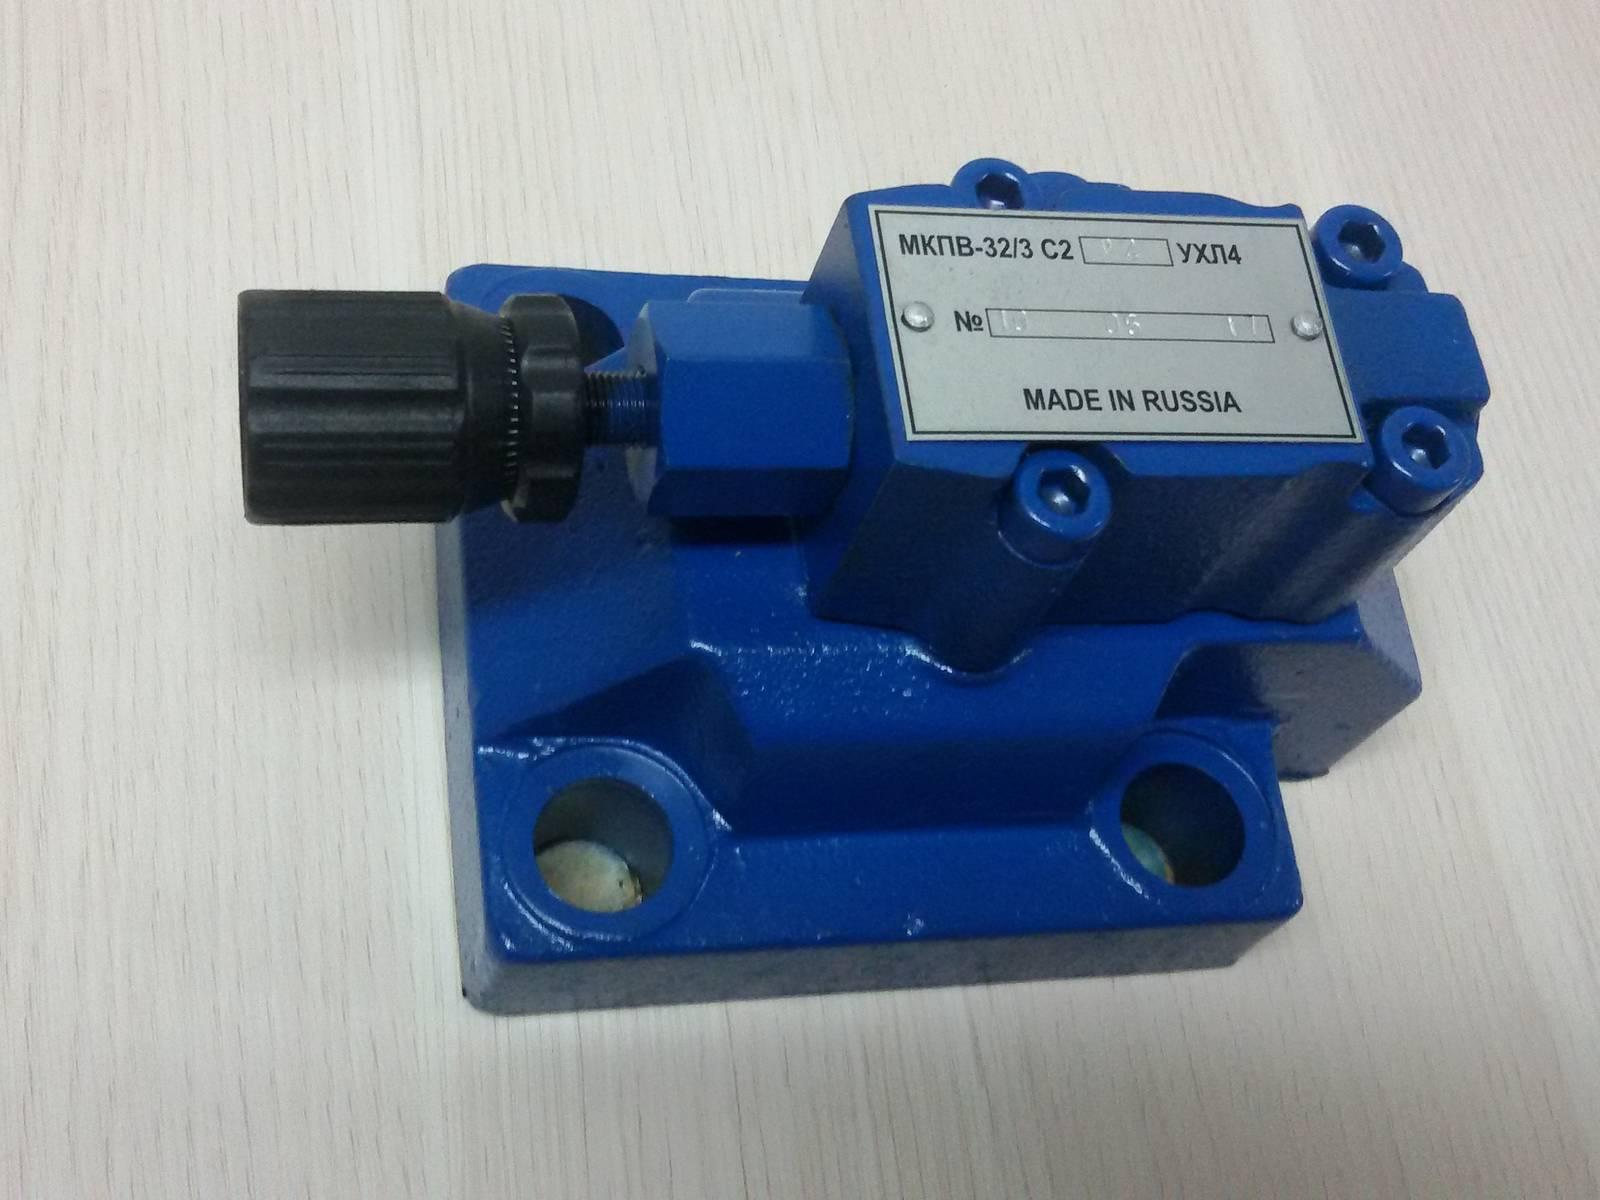 Гидроклапан предохранительный МКПВ 32/3С2 Р1